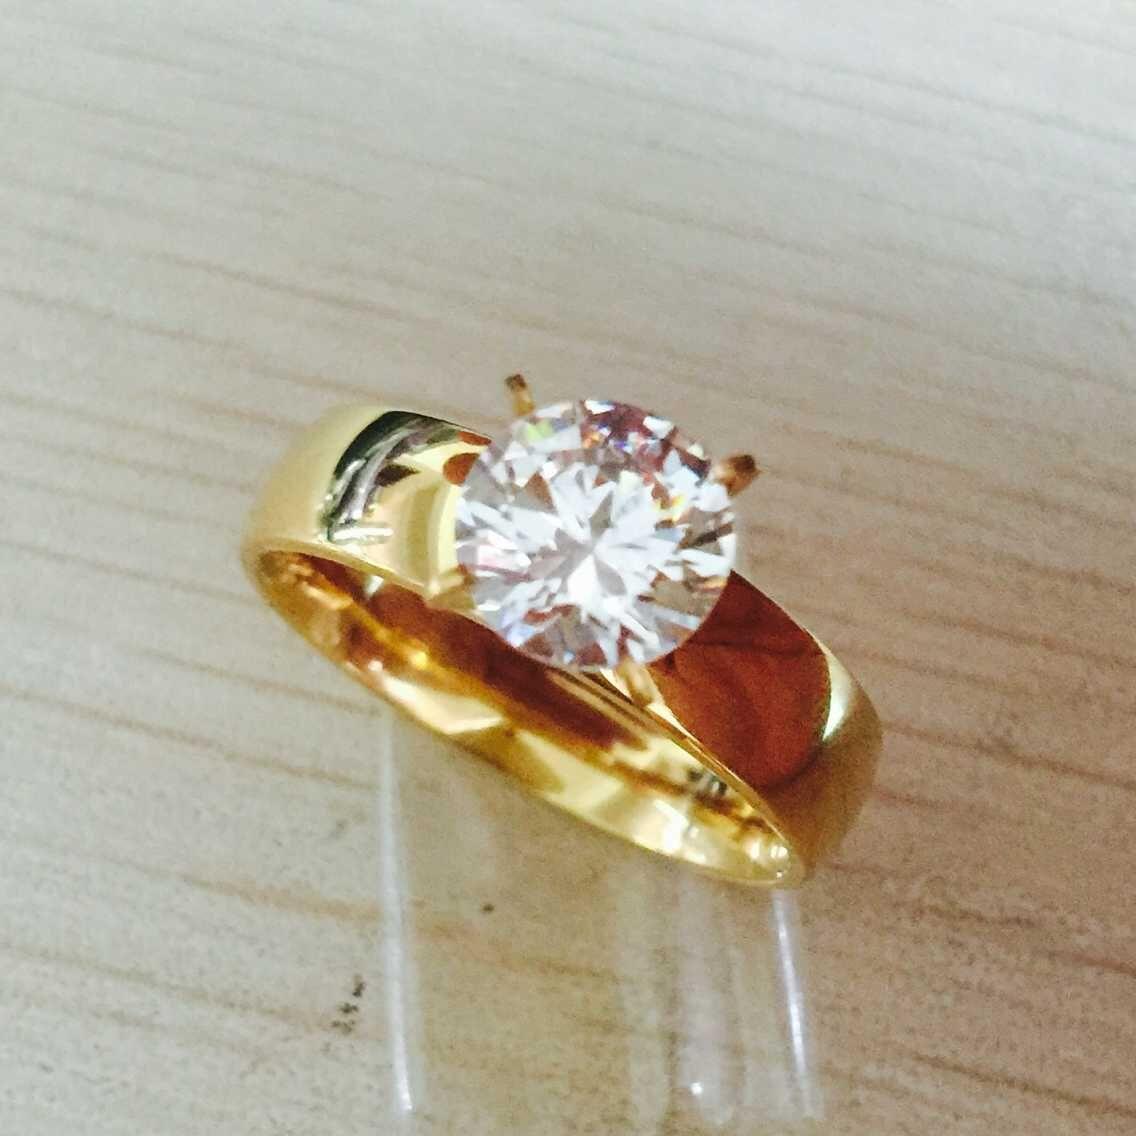 대형 지르콘 CZ 다이아몬드 18k 골드 도금 316L 스테인레스 스틸 웨딩 손가락 반지 남자 여자 보석 도매 많이